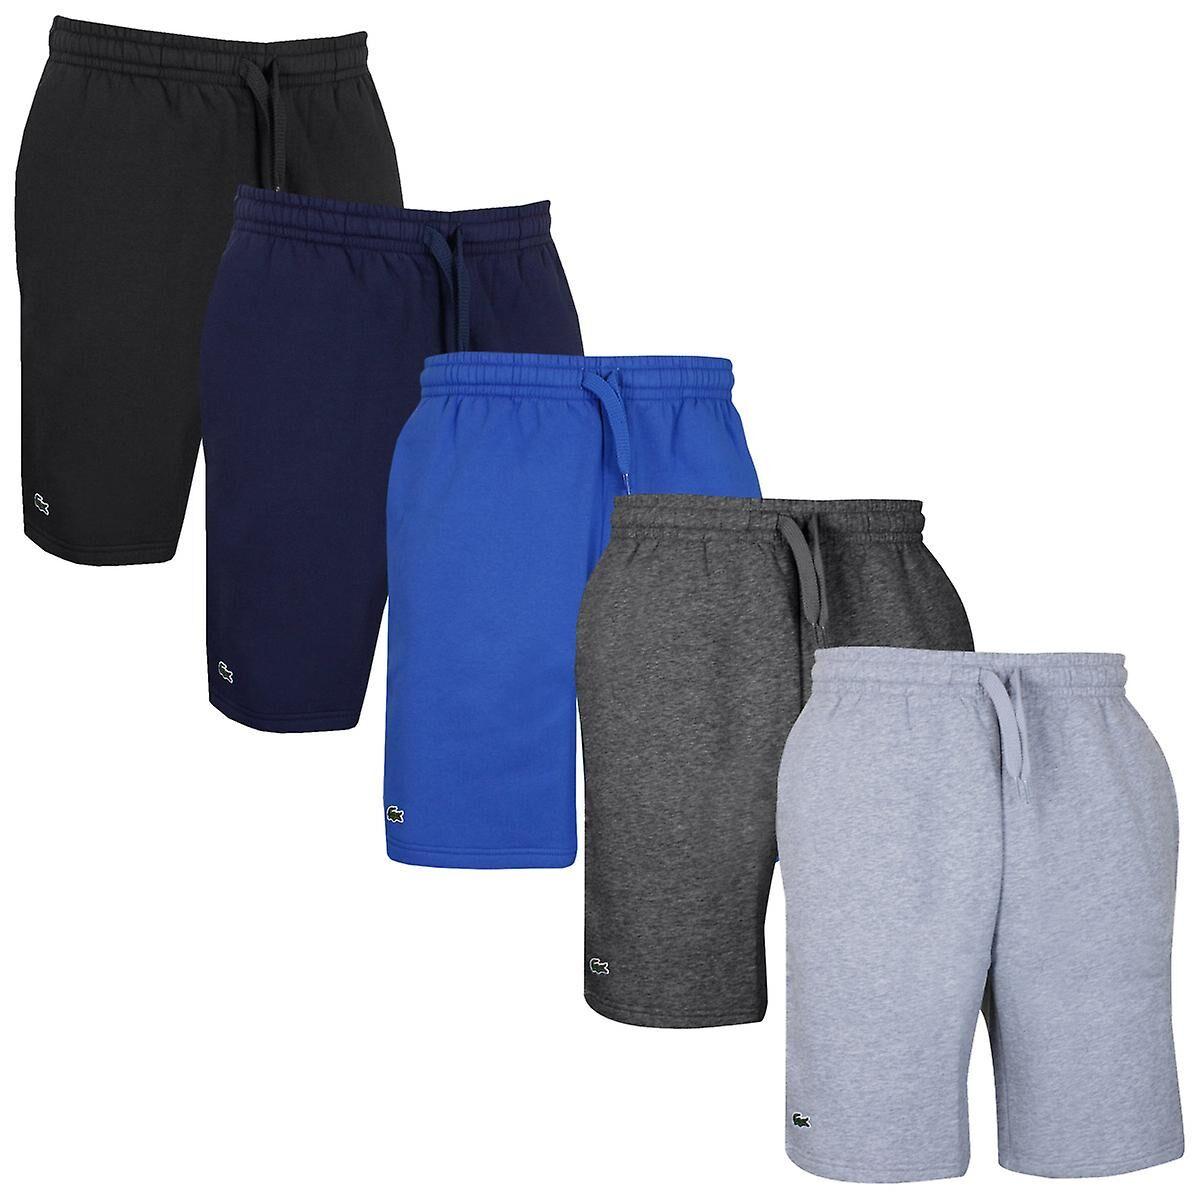 Lacoste Shorts classiques Lacoste Mens 2020 Sport Fleece Brushed Tennis Train Argent Chine Size 2 - XS